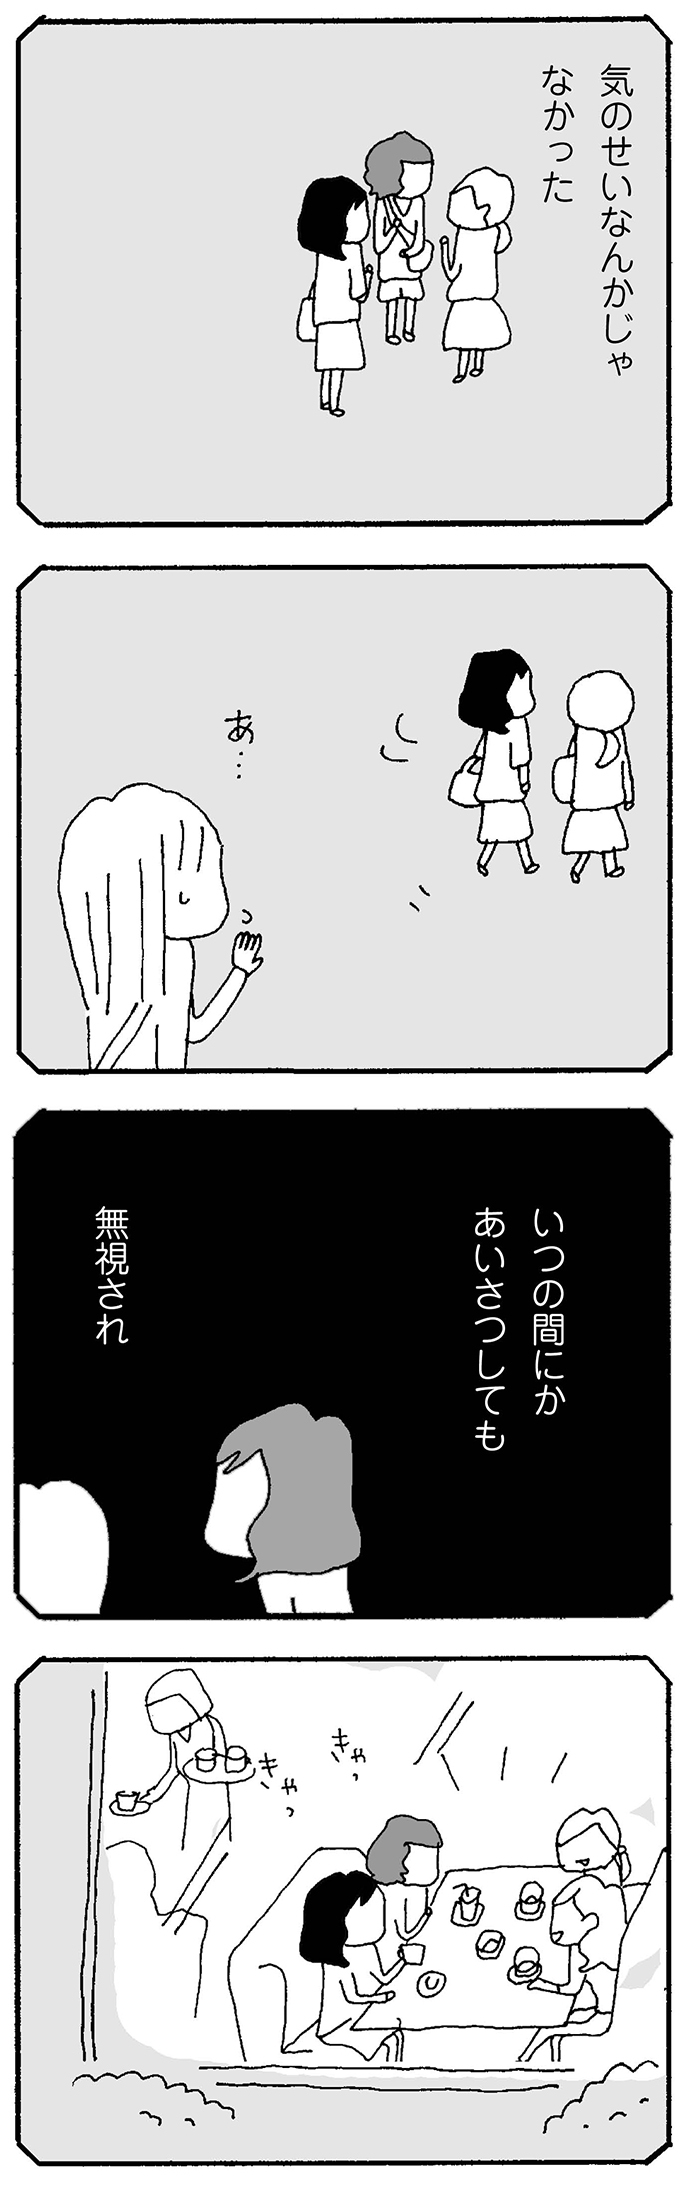 【連載】ママ友がこわい 第4話 「どうして嫌われちゃったんだろう・・・」の画像1